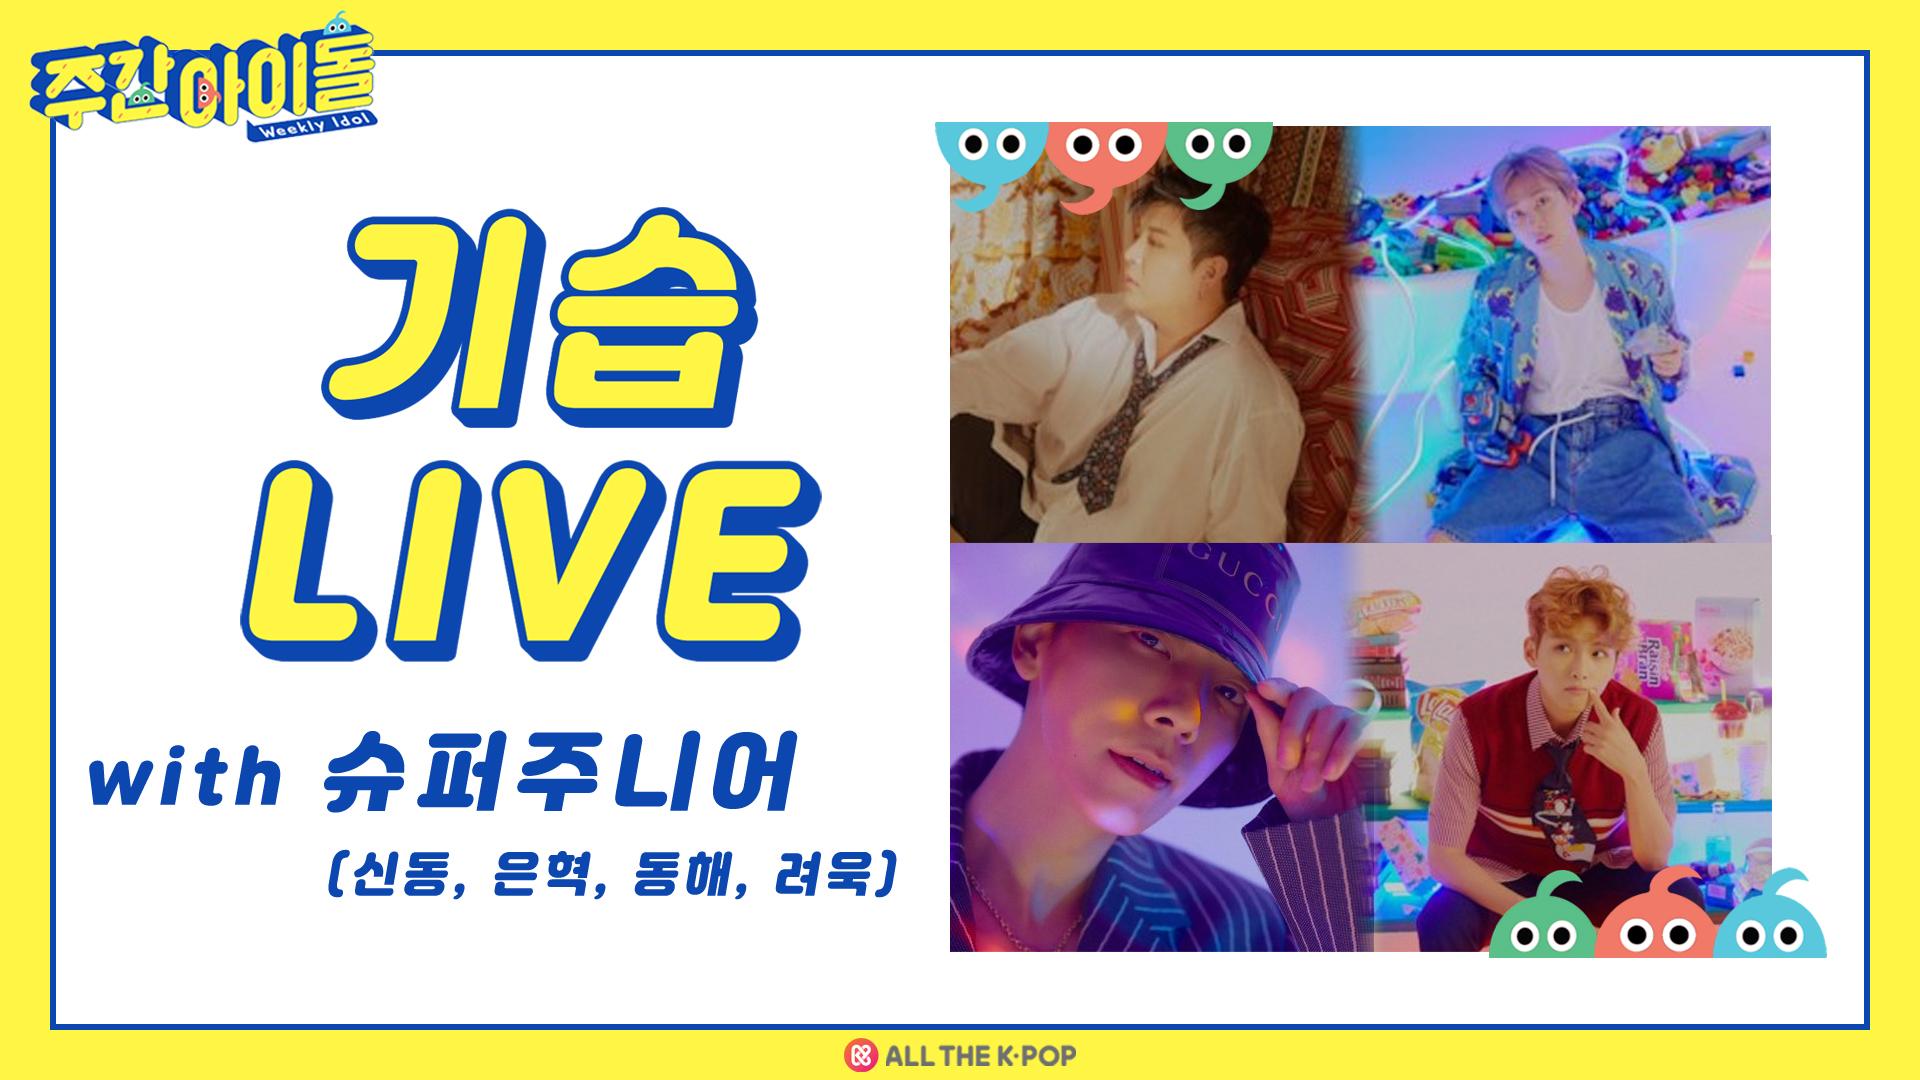 [주간아이돌] 기습 라이브 with Super Junior (신동, 은혁, 동해, 려욱)